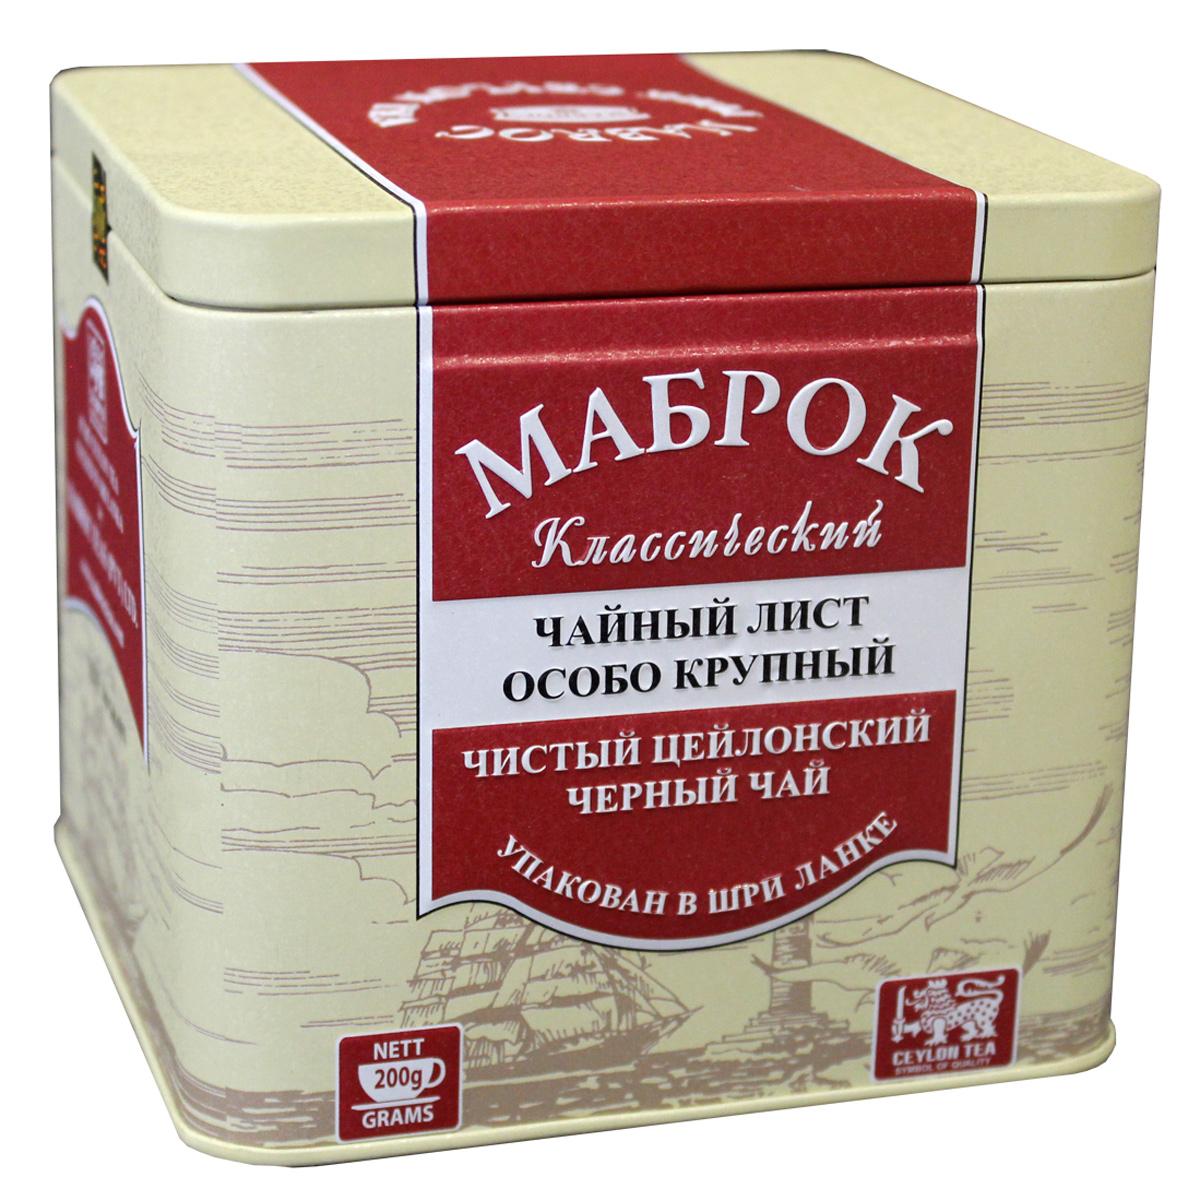 Mabroc Классический чай черный листовой, 200 г4791029011028Чай стандарта OP. Листья для этого чая собирают с кустов после того, как почки полностью раскрываются. Для этого сорта собирают первый и второй лист с ветки. В сухой заварке листья должны быть крупными (от 8 до 15 мм), однородными, хорошо скрученными. Этот сорт имеет достаточно высокое содержание ароматических масел, поэтому настой чая очень ароматен. Также этот чай характерен вкусом с горчинкой благодаря большому содержанию дубильных веществ. Кофеина в этом чае немного меньше, так как в нем используют более взрослые листы.